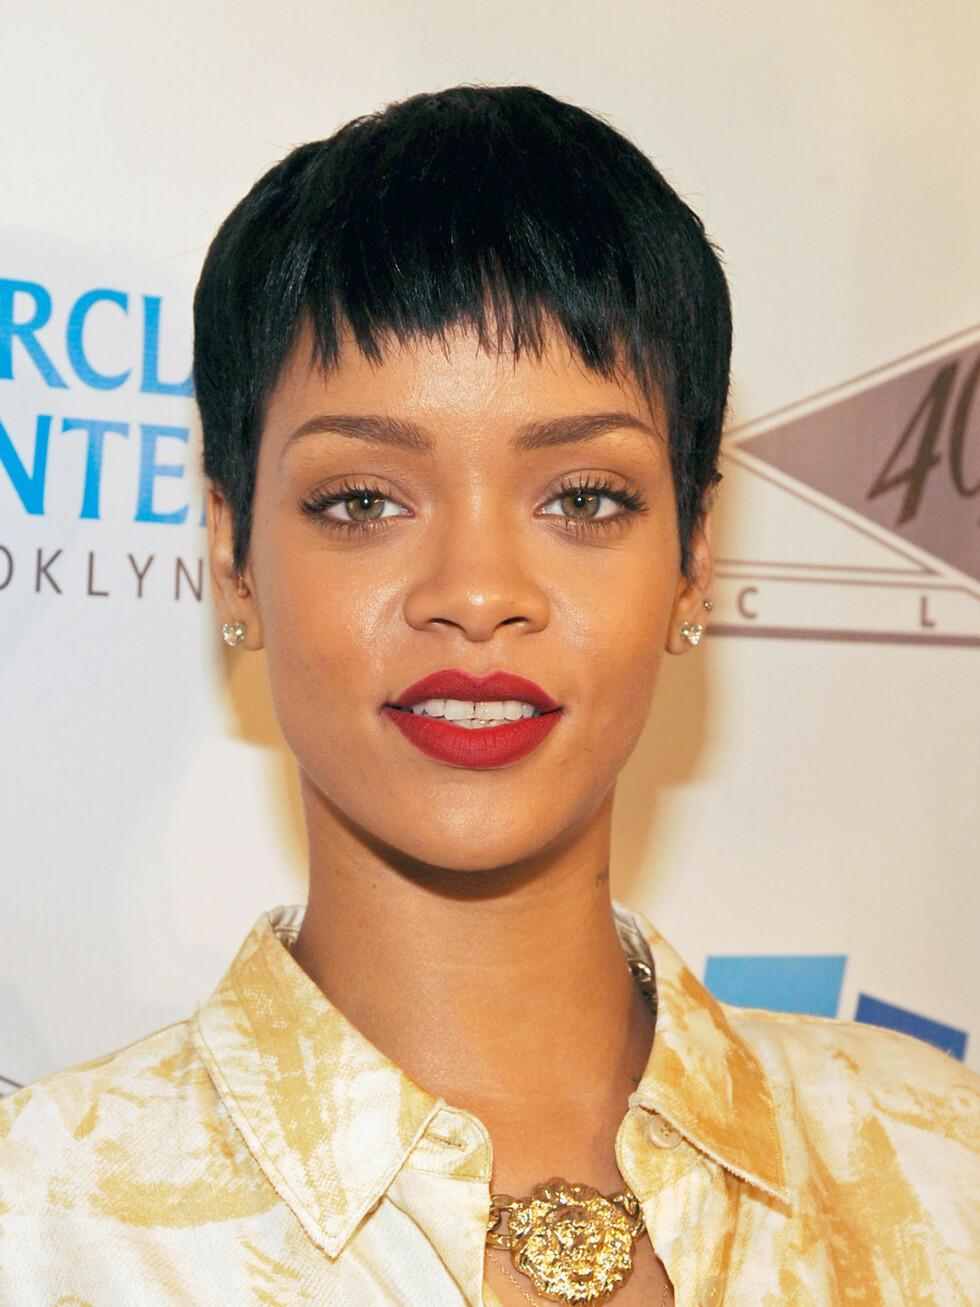 Om du vil ha svart hår som Rihanna, bør du be om å få litt brunt lagt inn i håret for å gi det dybde og unngå at det ser for flatt og hardt ut. Foto: WireImage/Getty Images/All Over Press